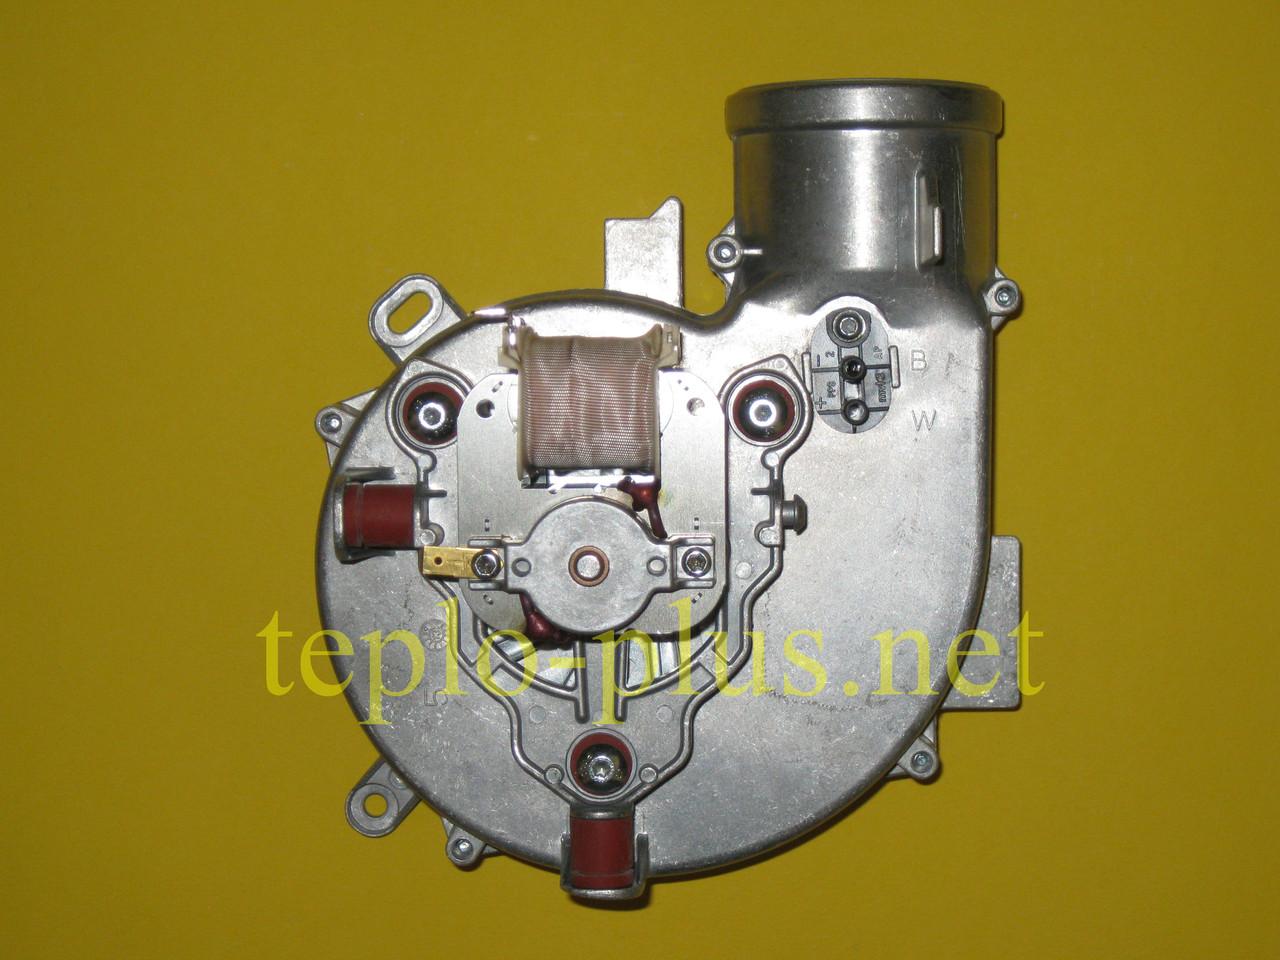 Вентилятор 0020020008 Vaillant turboTEC Pro / Plus, TURBOmax Pro / Plus, aquaPLUS / aquaBLOCK